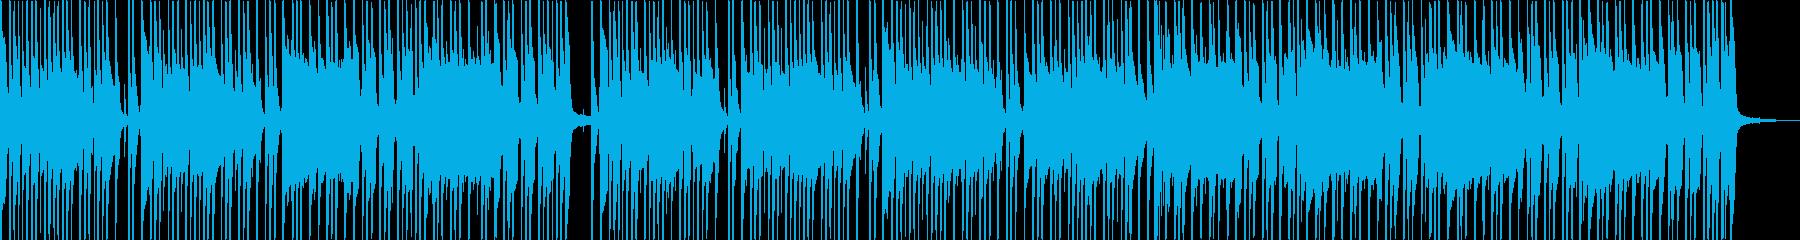 かっこいいドラム音の落ち着いた曲の再生済みの波形